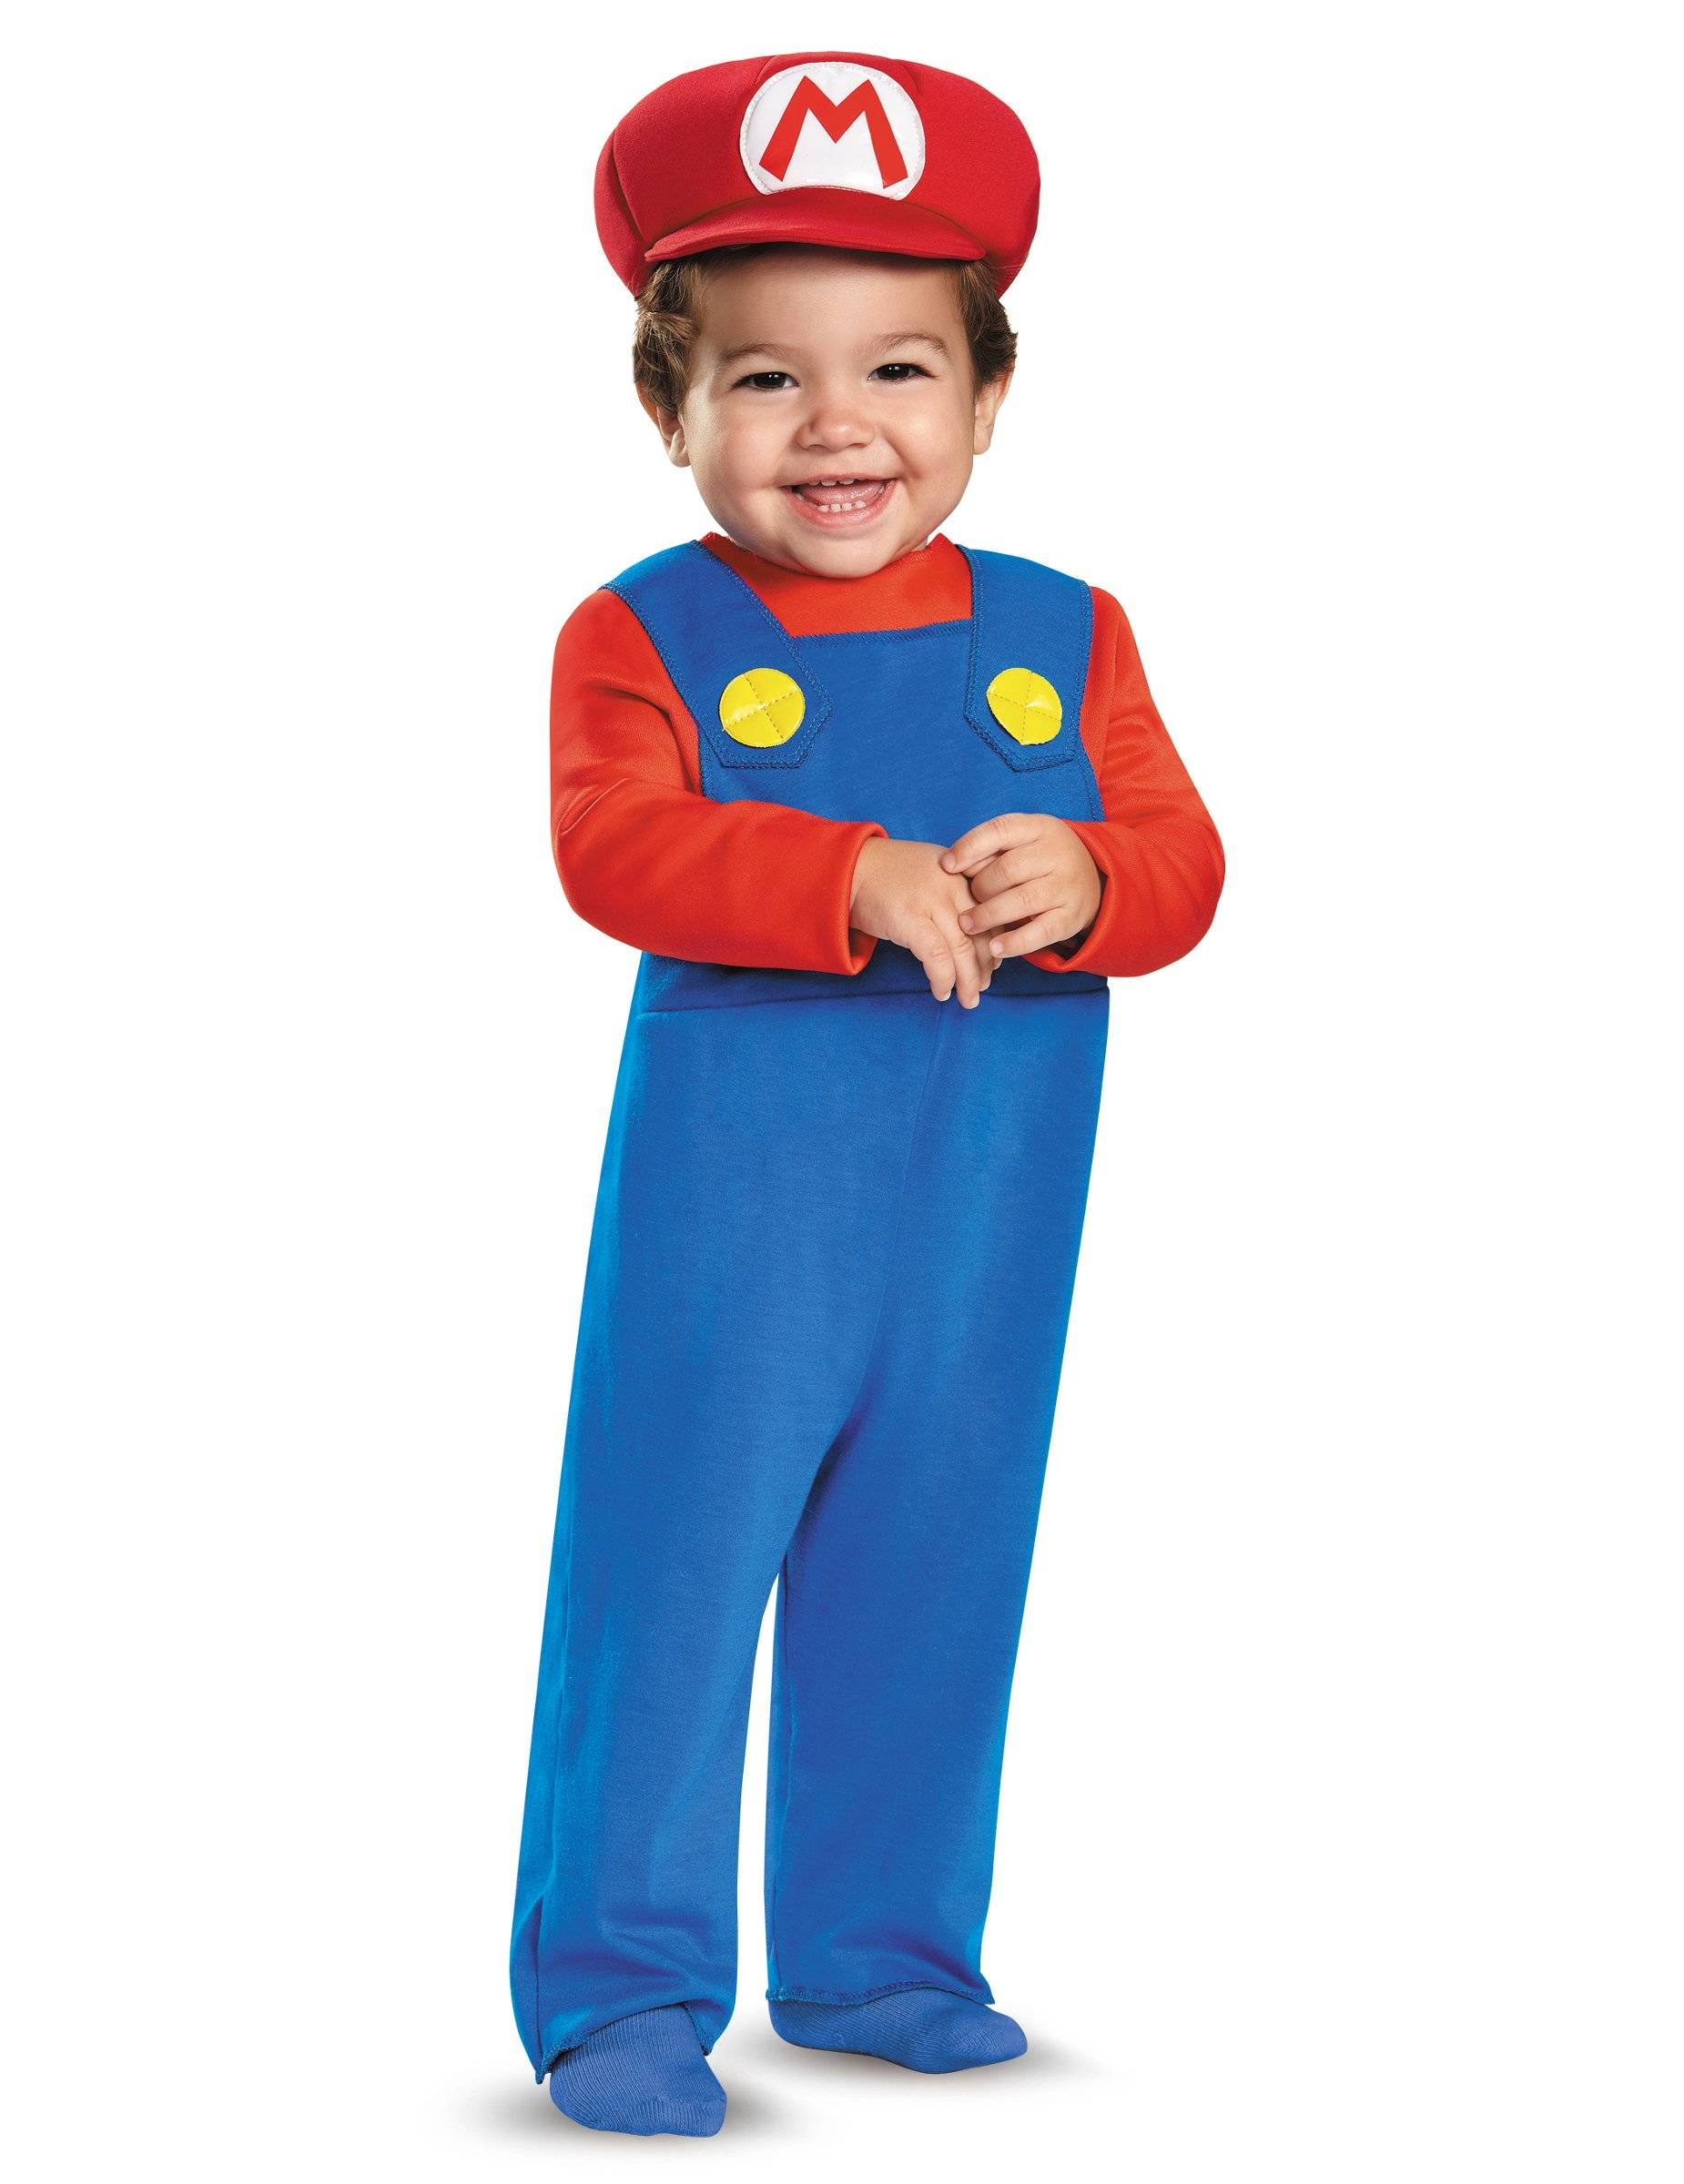 Deguisetoi Déguisement Mario bébé - Taille: 12 à 18 mois (72 - 81 cm)